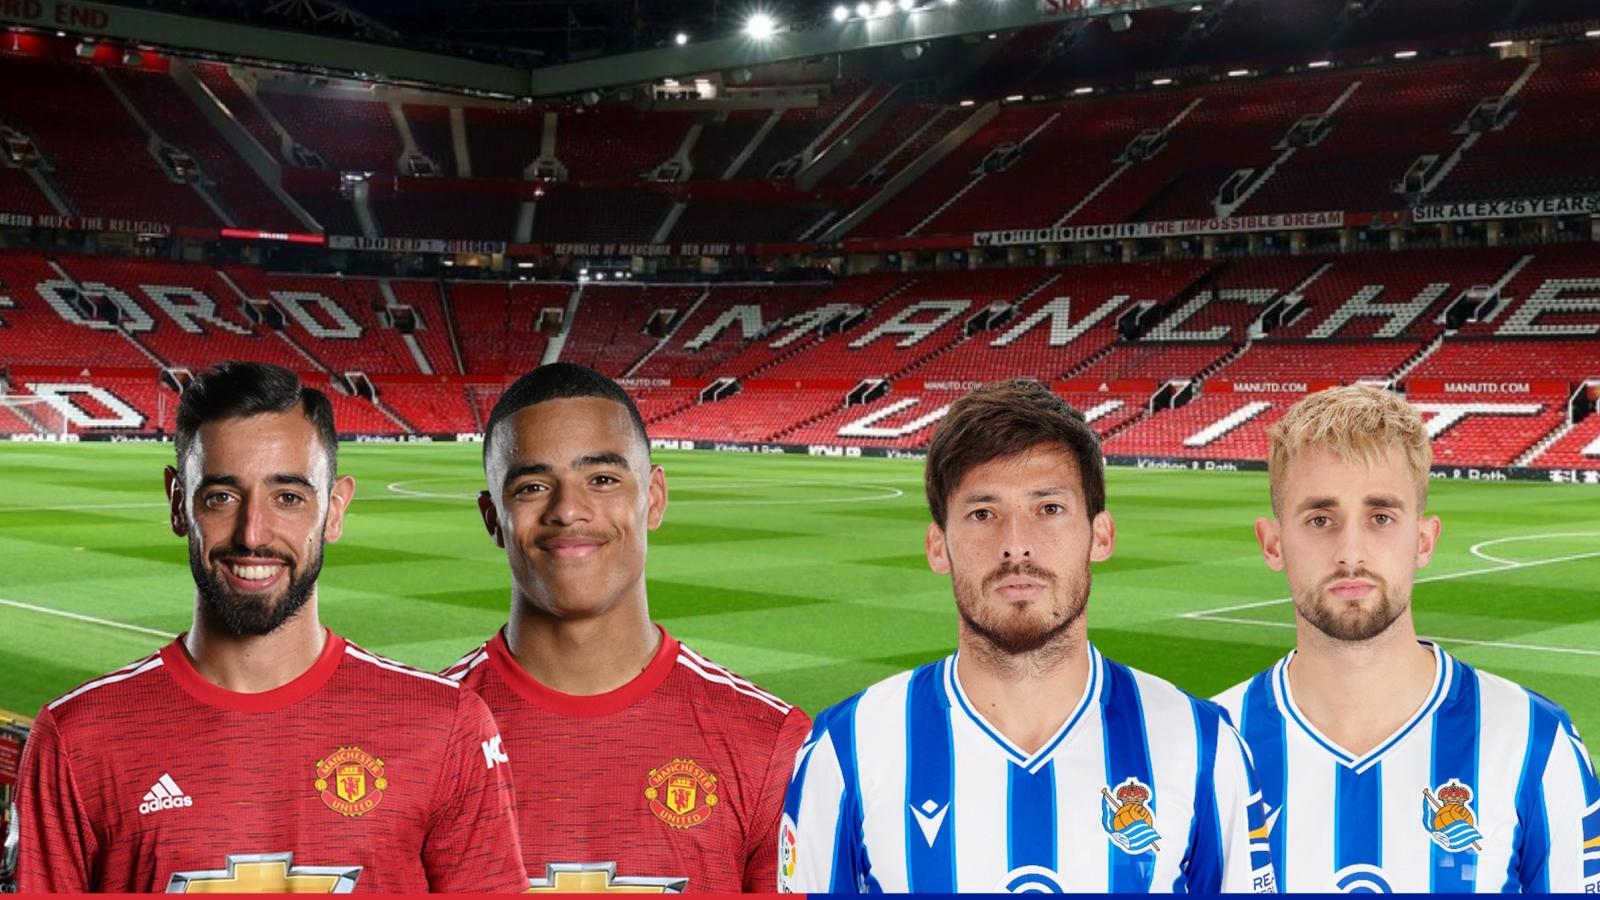 Dự đoán tỷ số, đội hình xuất phát trận MU - Sociedad